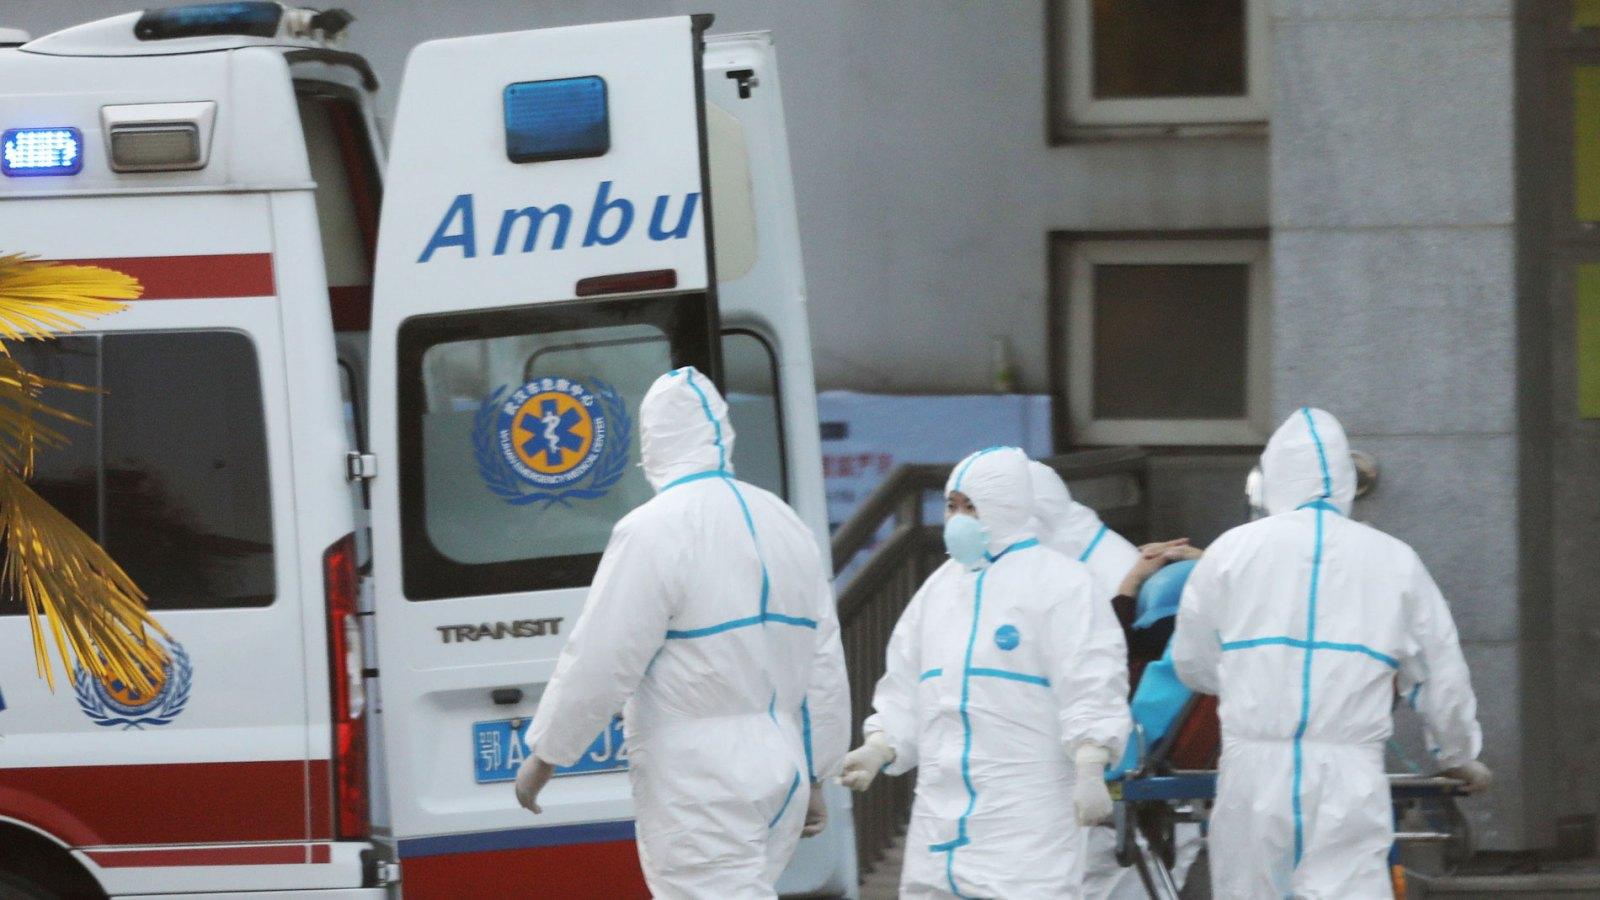 Detectado el primer caso de coronavirus de Wuhan en Estados Unidos ...